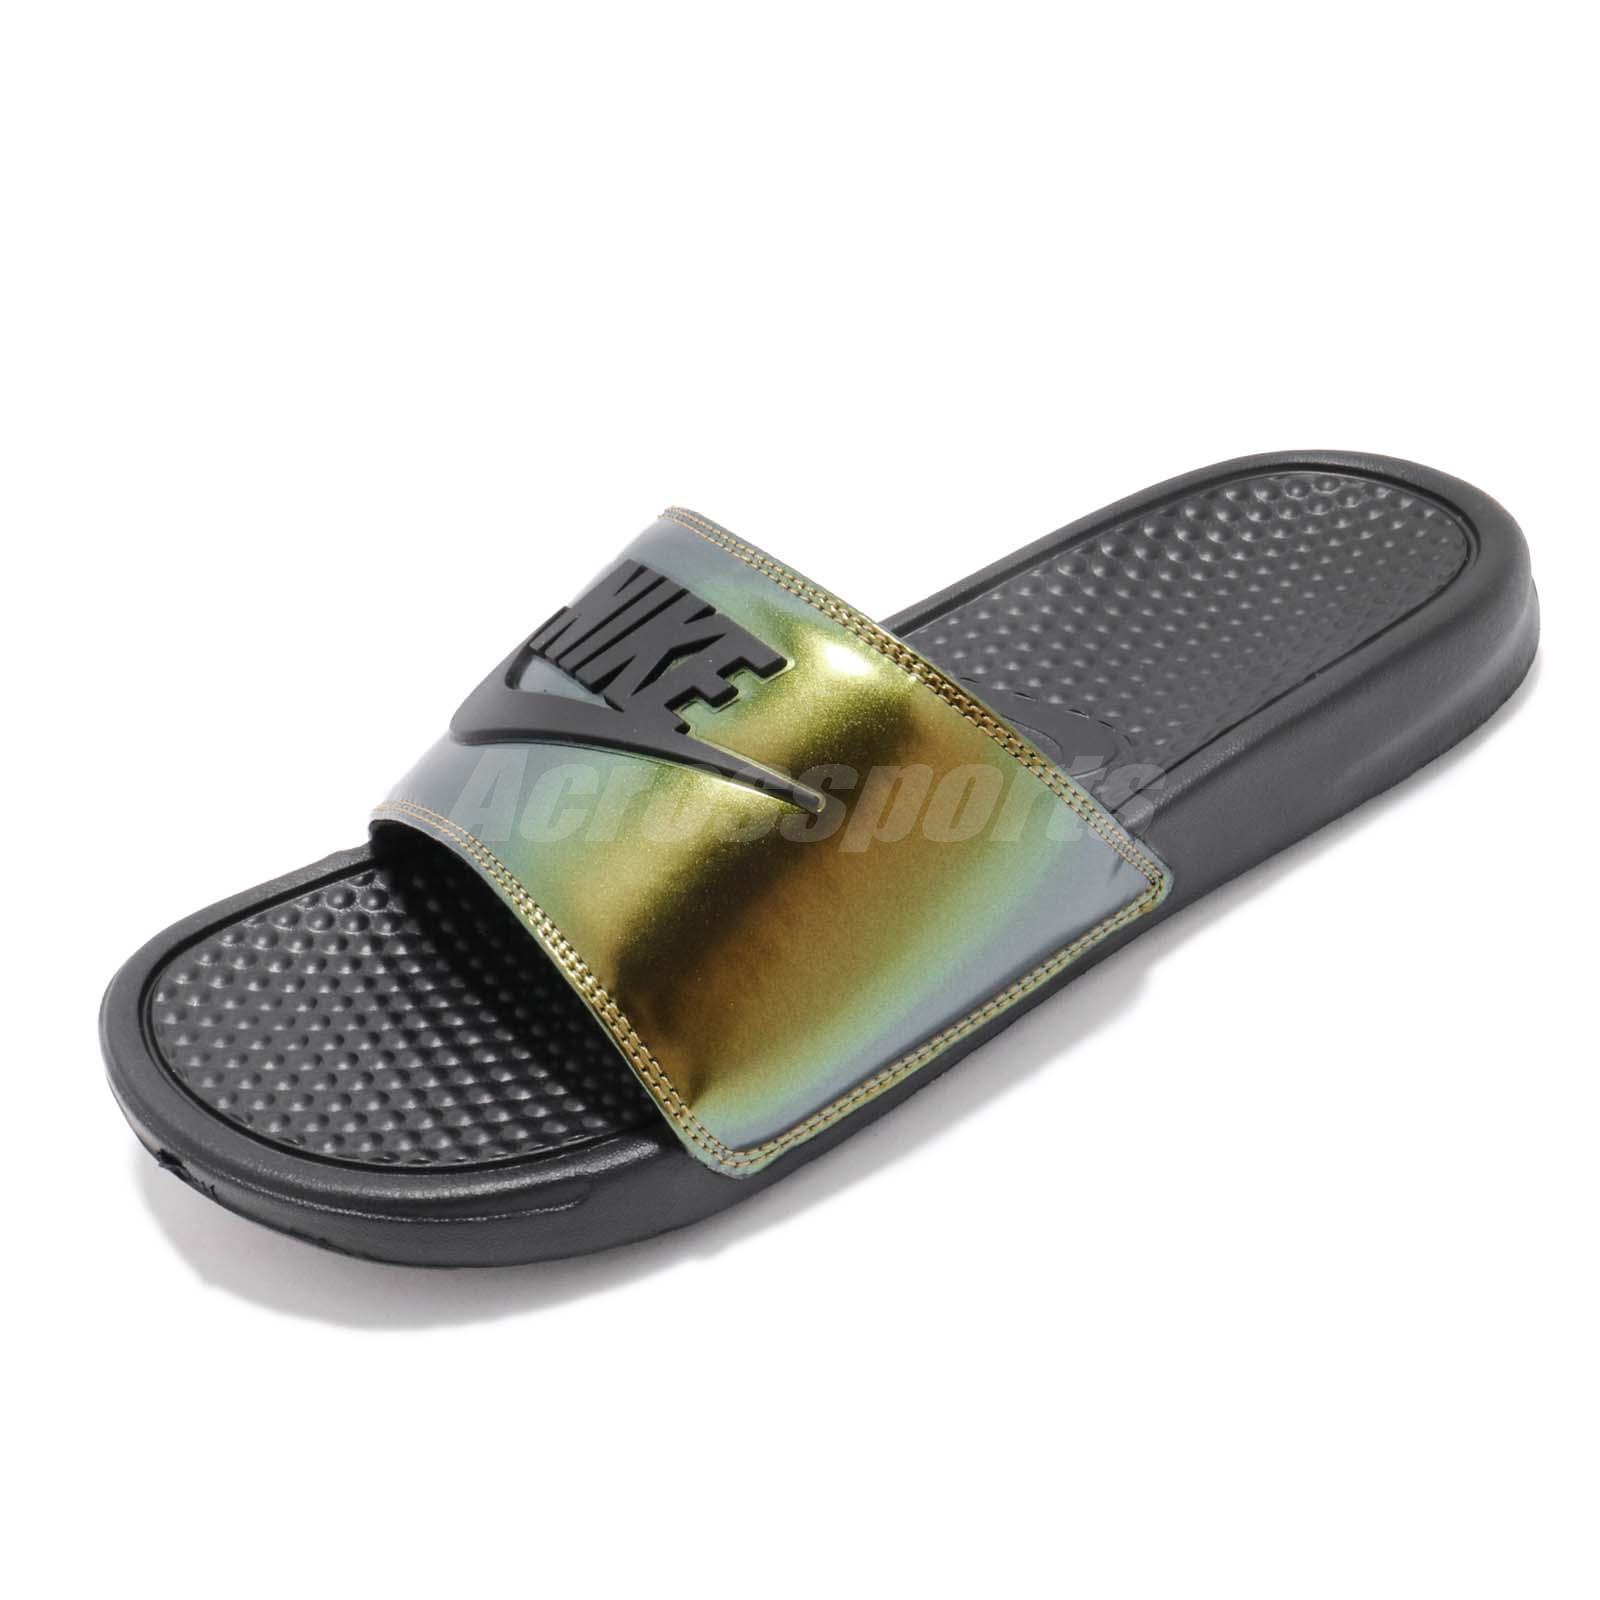 timeless design 4d5cd 4eae4 Nike Benassi JDI SE Just Do It Electro Green Black Slide Slippers AJ6745-003